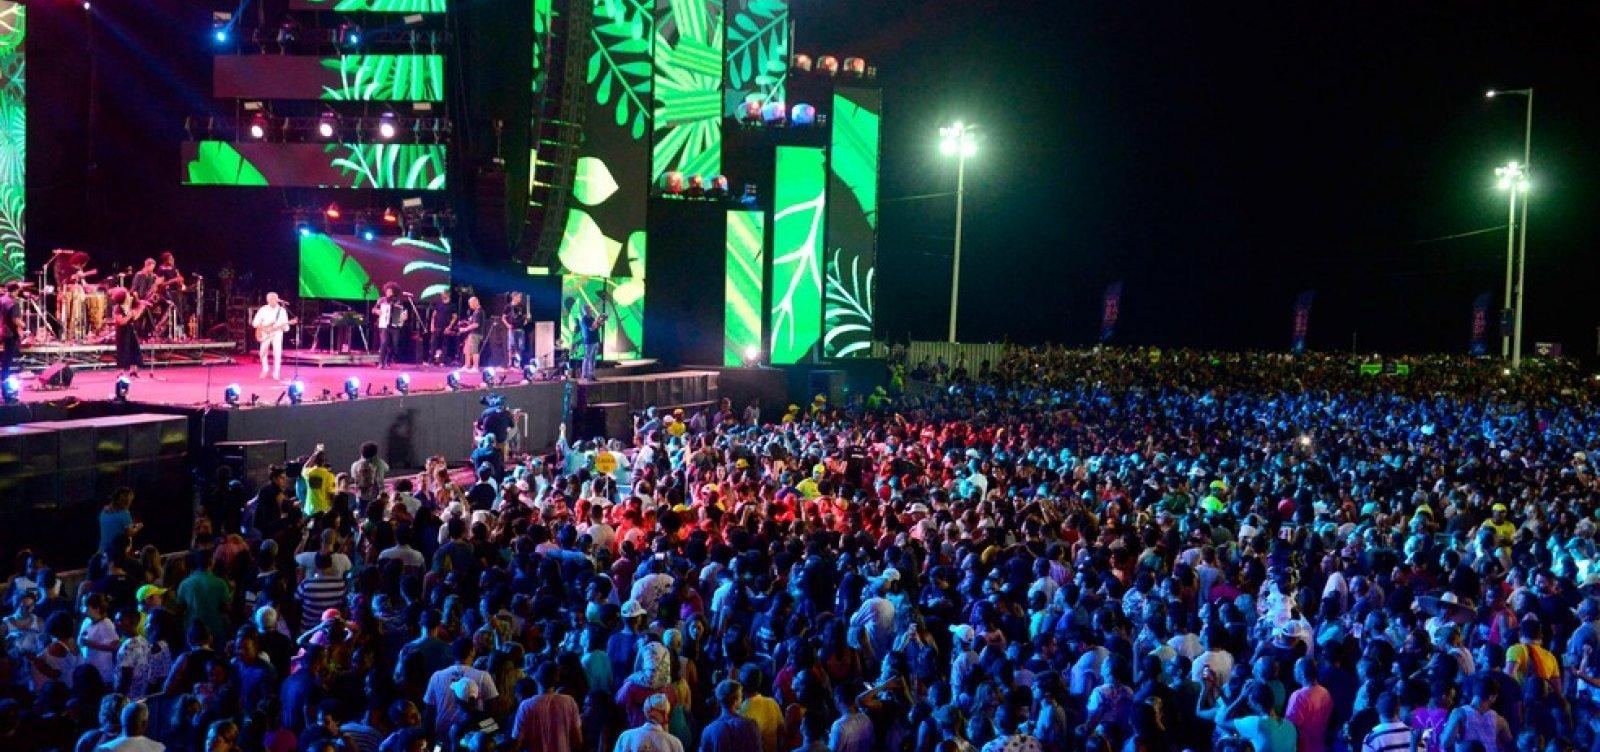 Com exigência de vacina, governo libera evento para até mil pessoas na Bahia